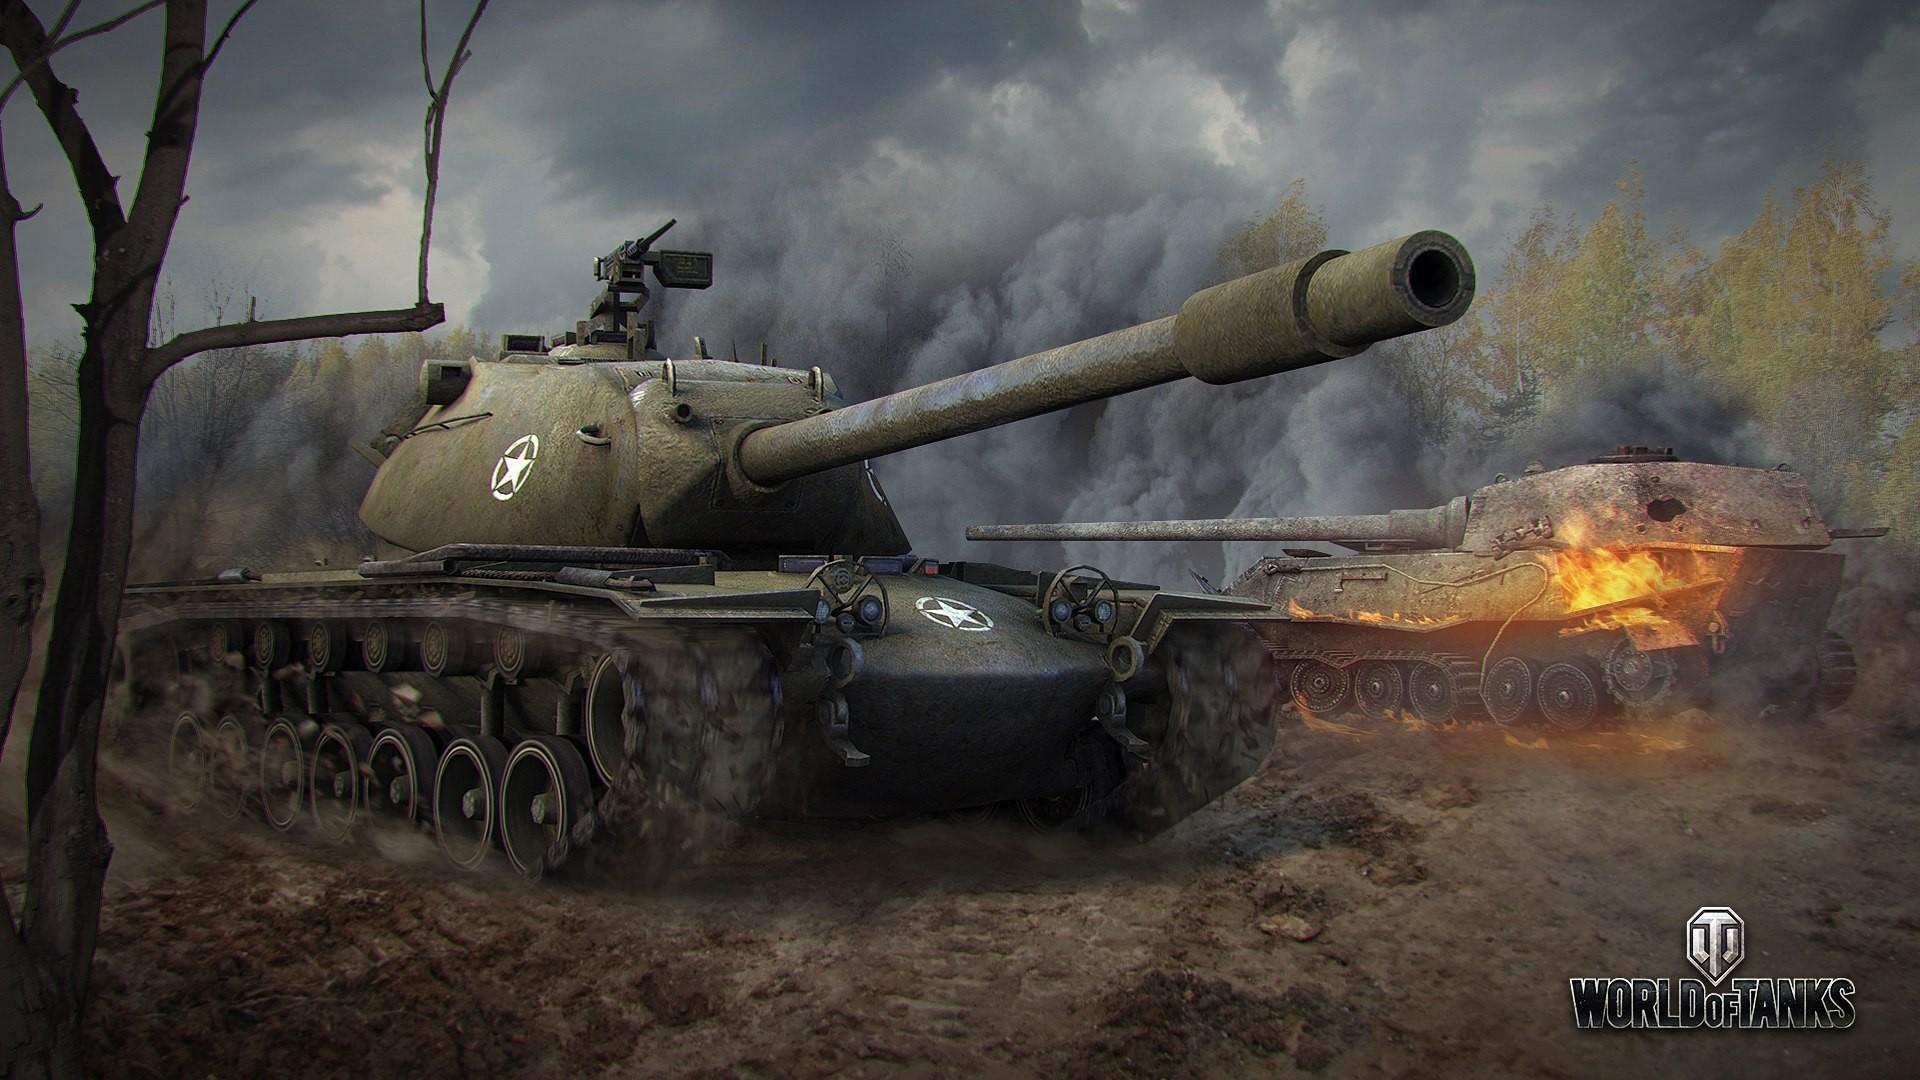 Wallpaper : video games, weapon, tank, World of Tanks, wargaming